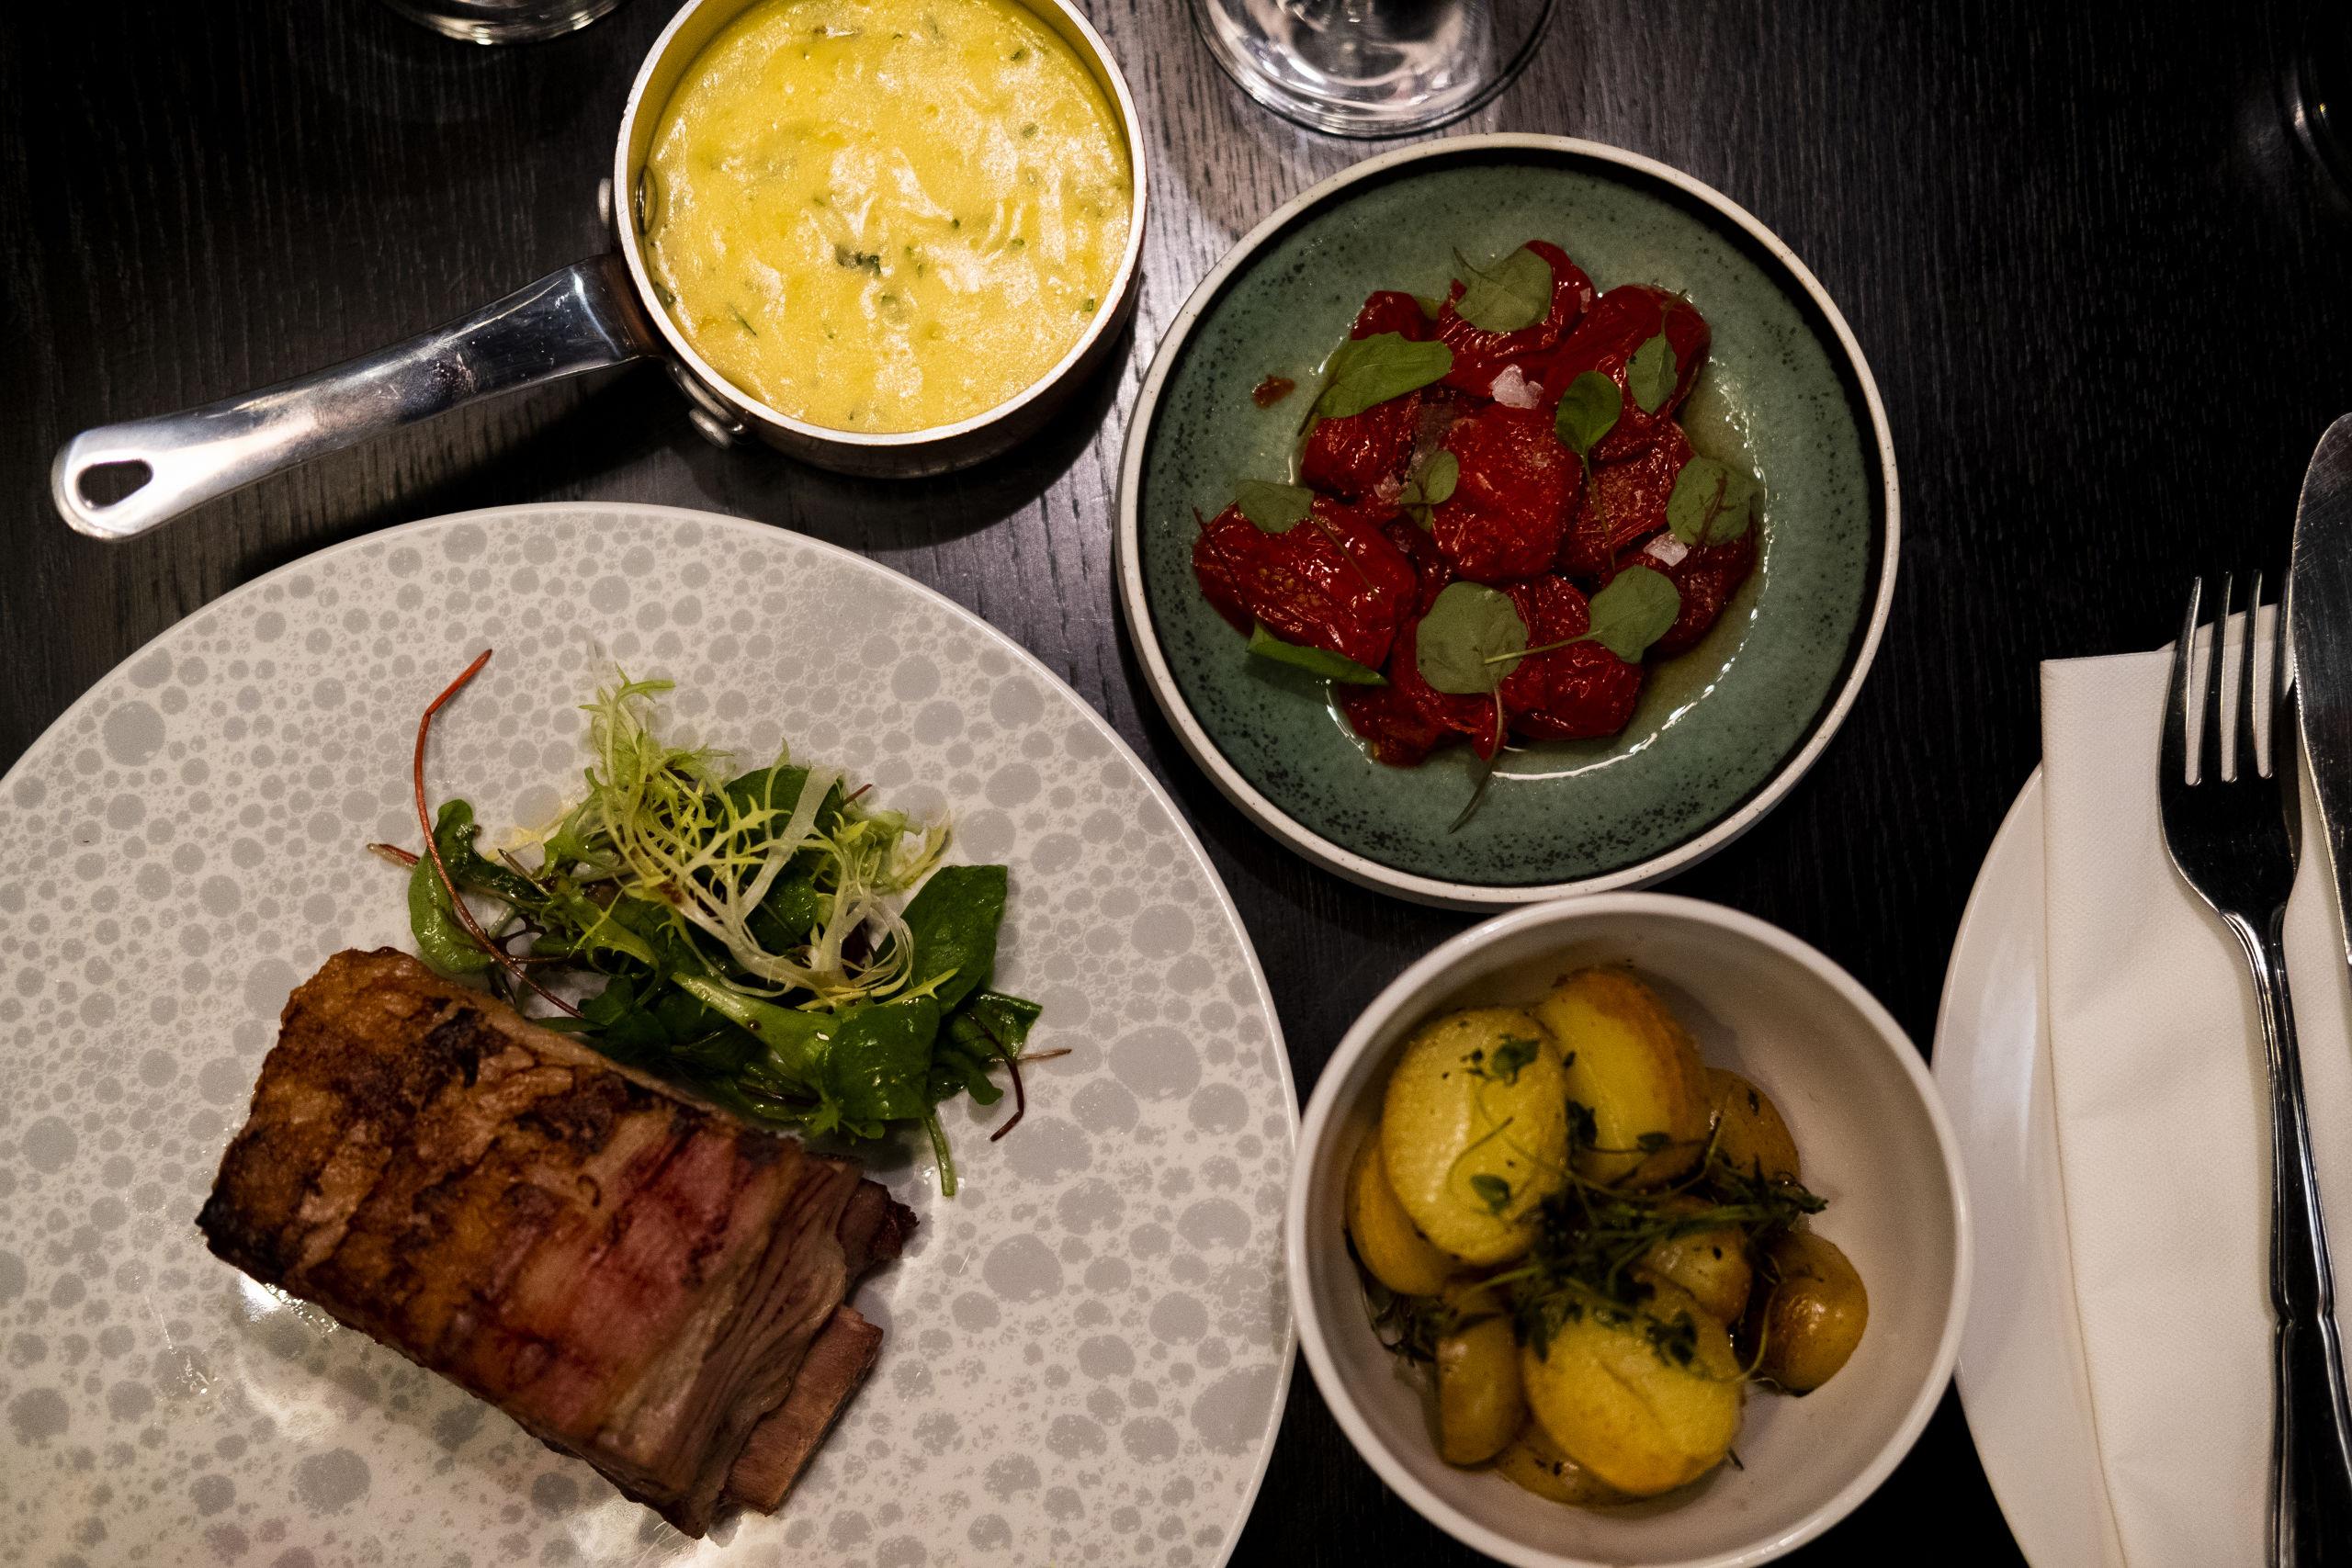 Slagterbørsens koncept bygger på menuer, der kredser om specialudskæringer fra Guldrummet. Foto: Lasse Sand